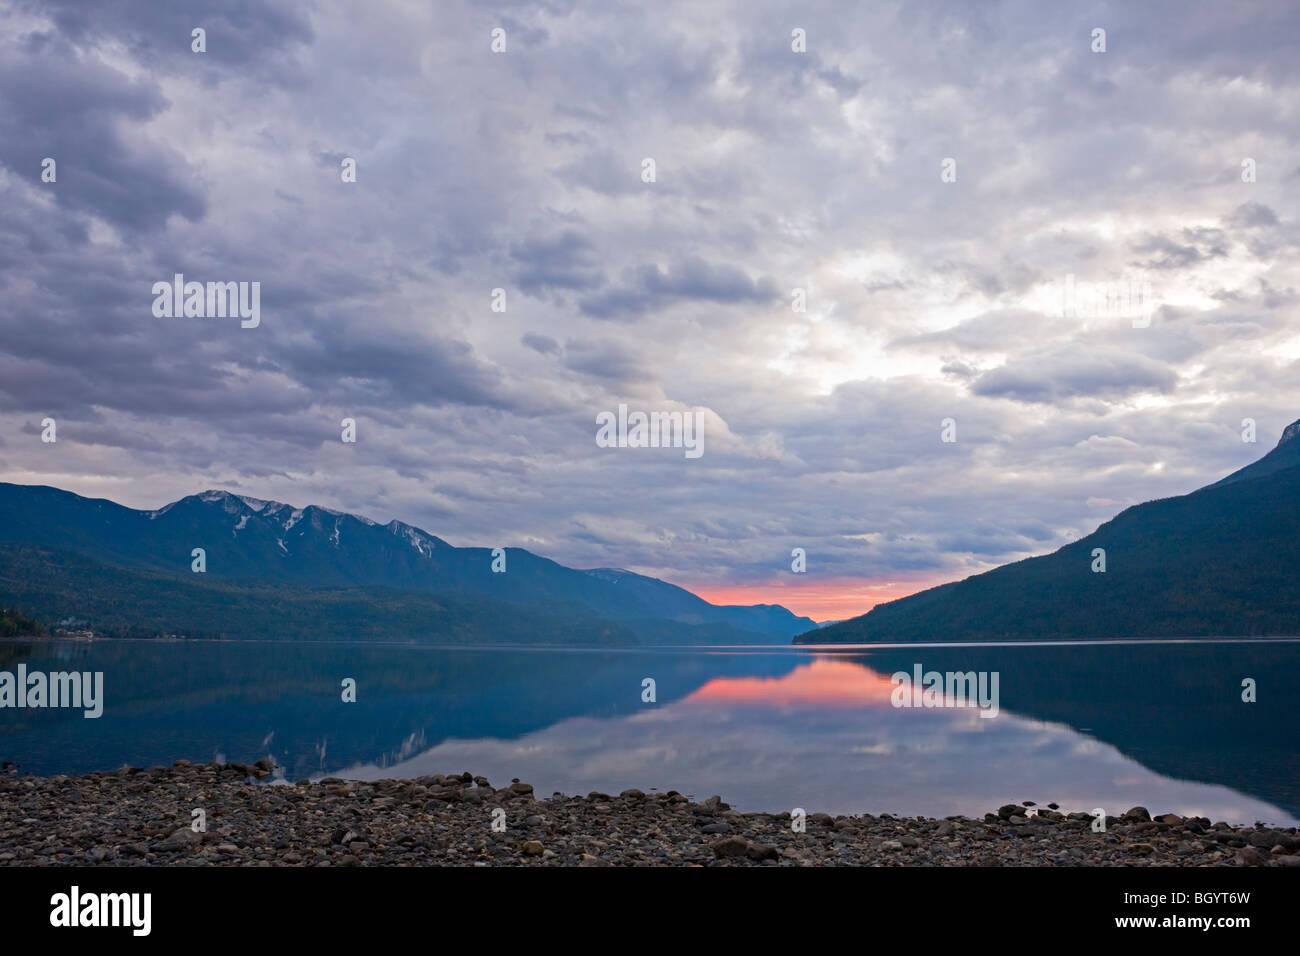 Slocan lago al tramonto dalla città di nuovo a Denver, Slocan Valley, Central Kootenay, British Columbia, Canada. Immagini Stock